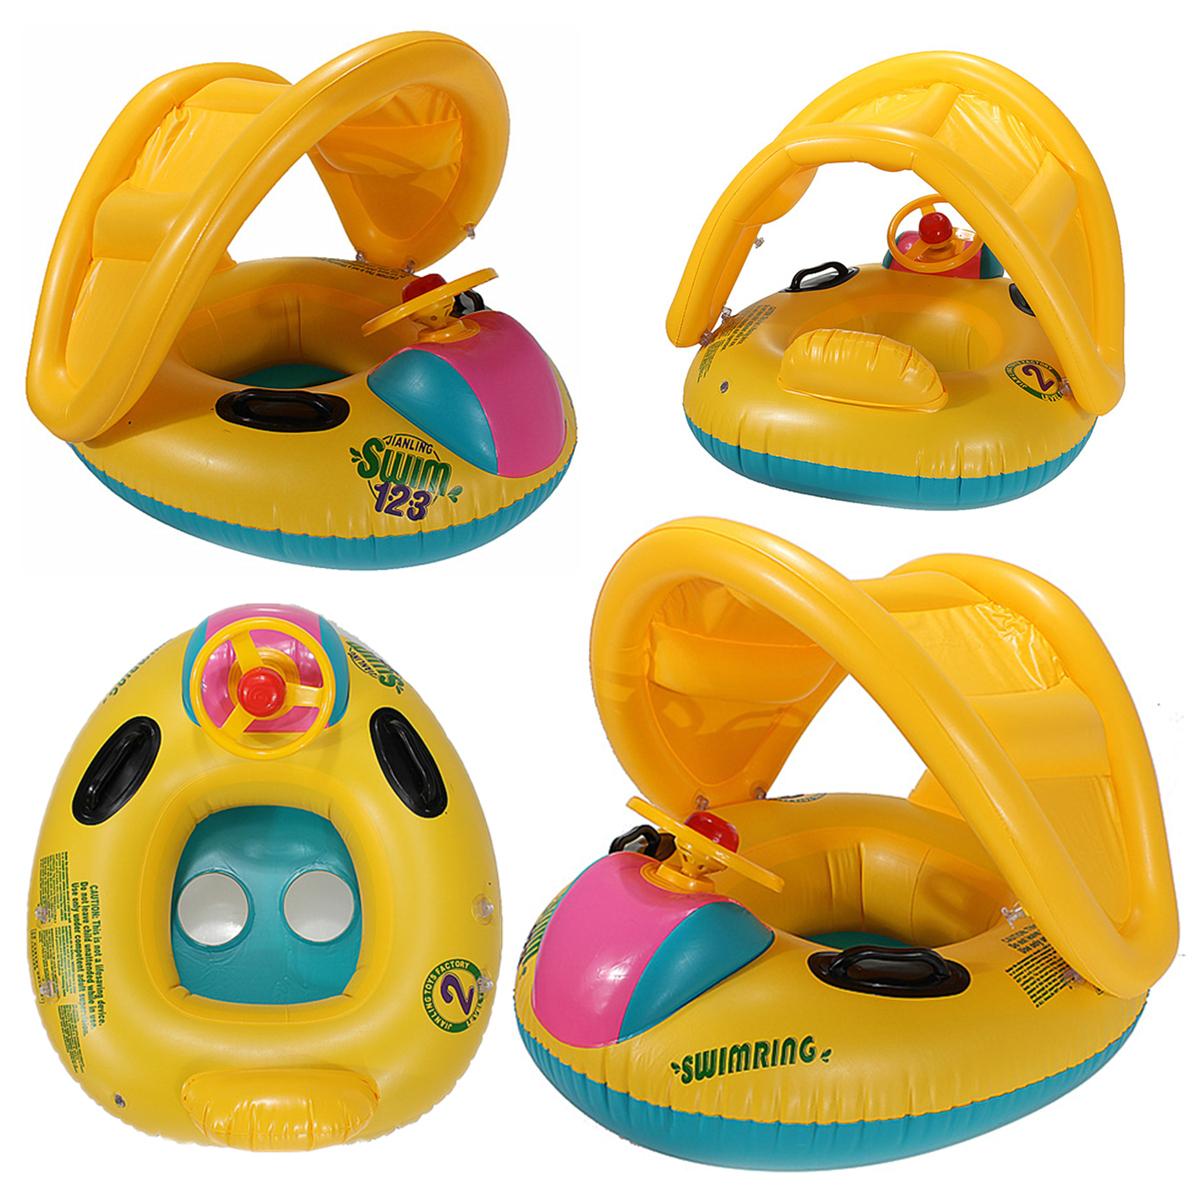 Bouée Siège Gonflable Parasol À Bébé Enfant 6-18 Mois 15Kg ... encequiconcerne Matelas Gonflable Piscine Decathlon